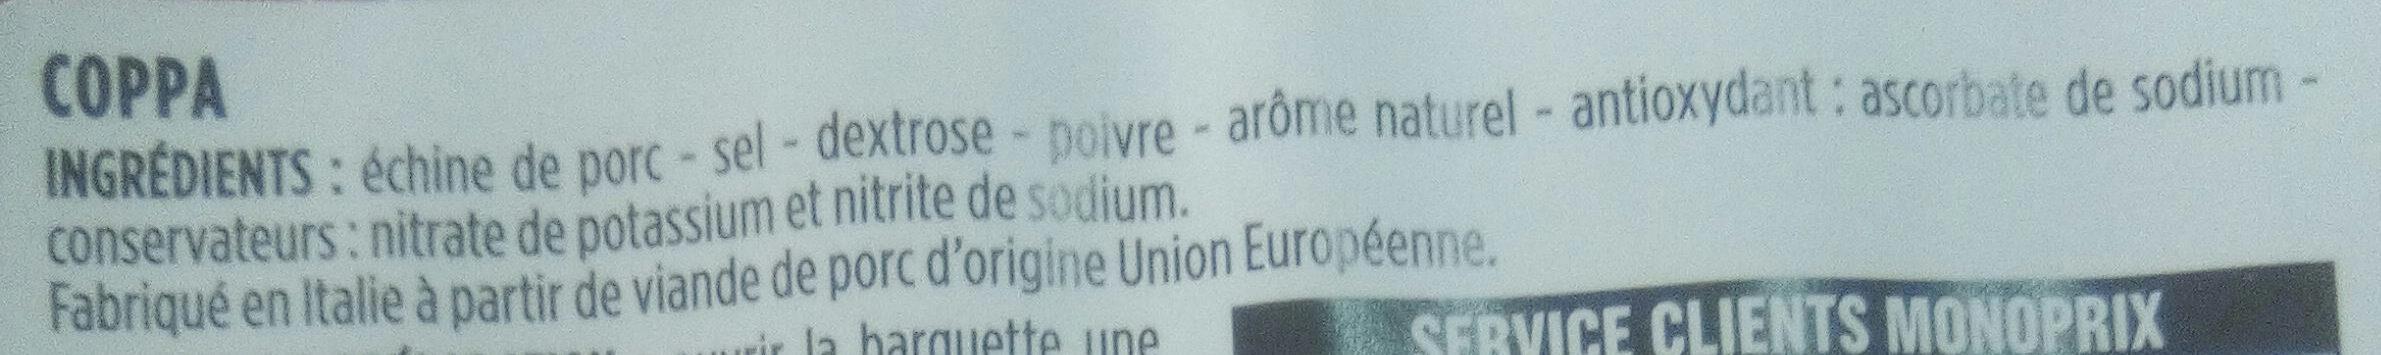 Gourmet - Coppa - Ingrediënten - fr